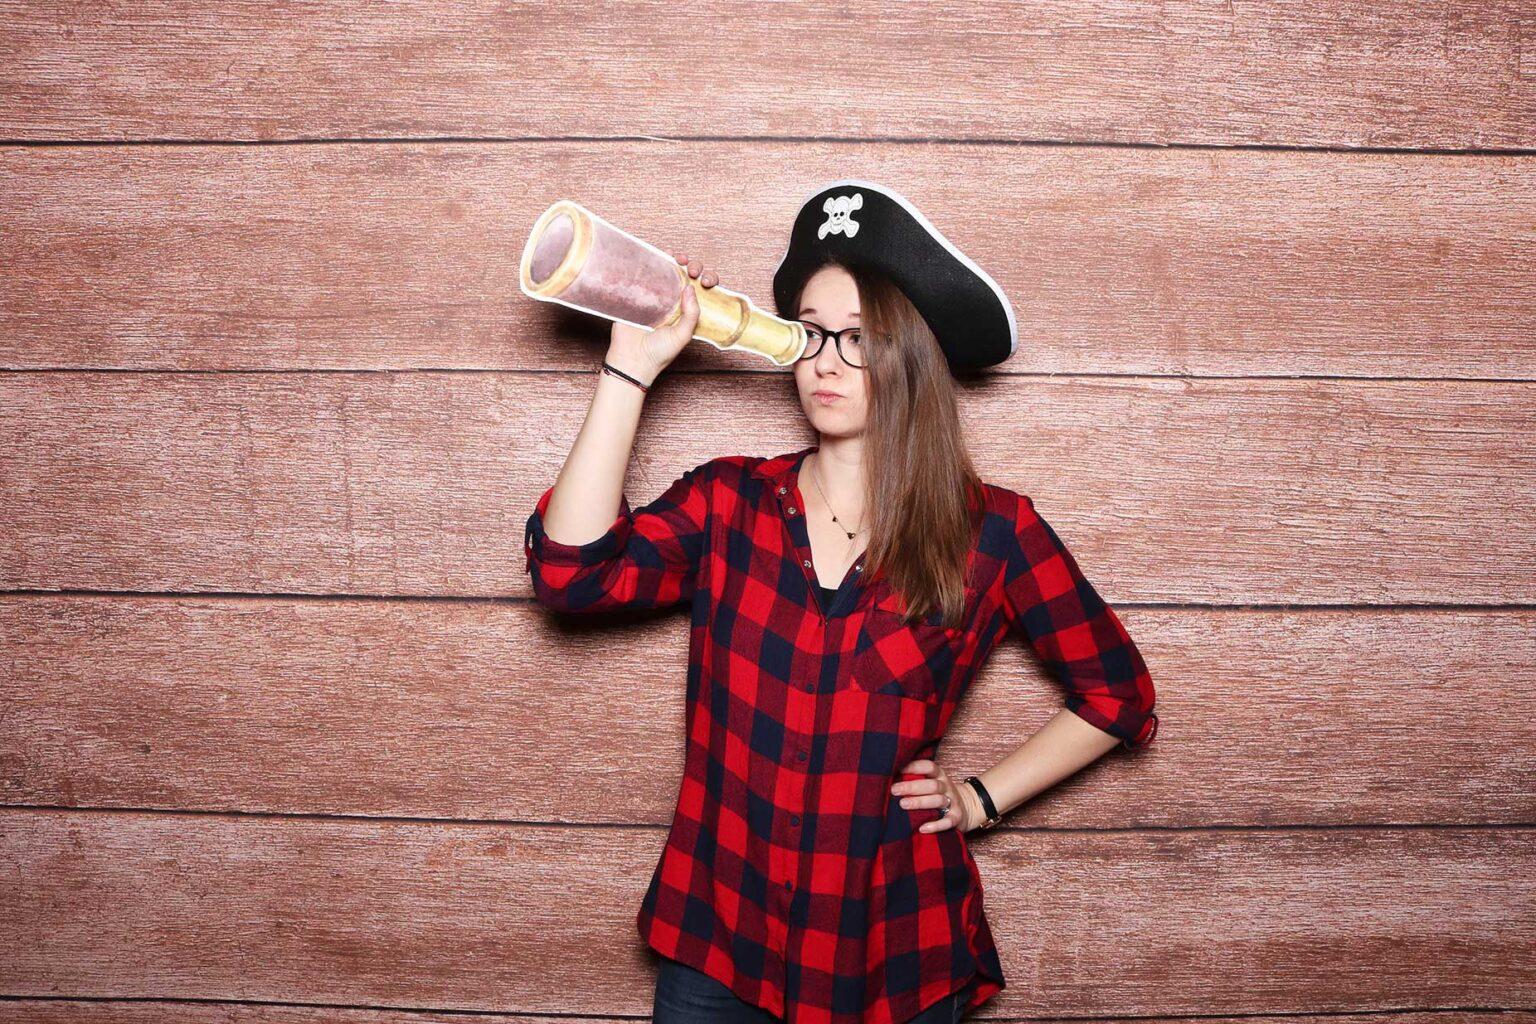 Pirátsky fotokútik - Fotostena Brown wood - drevené pozadie.